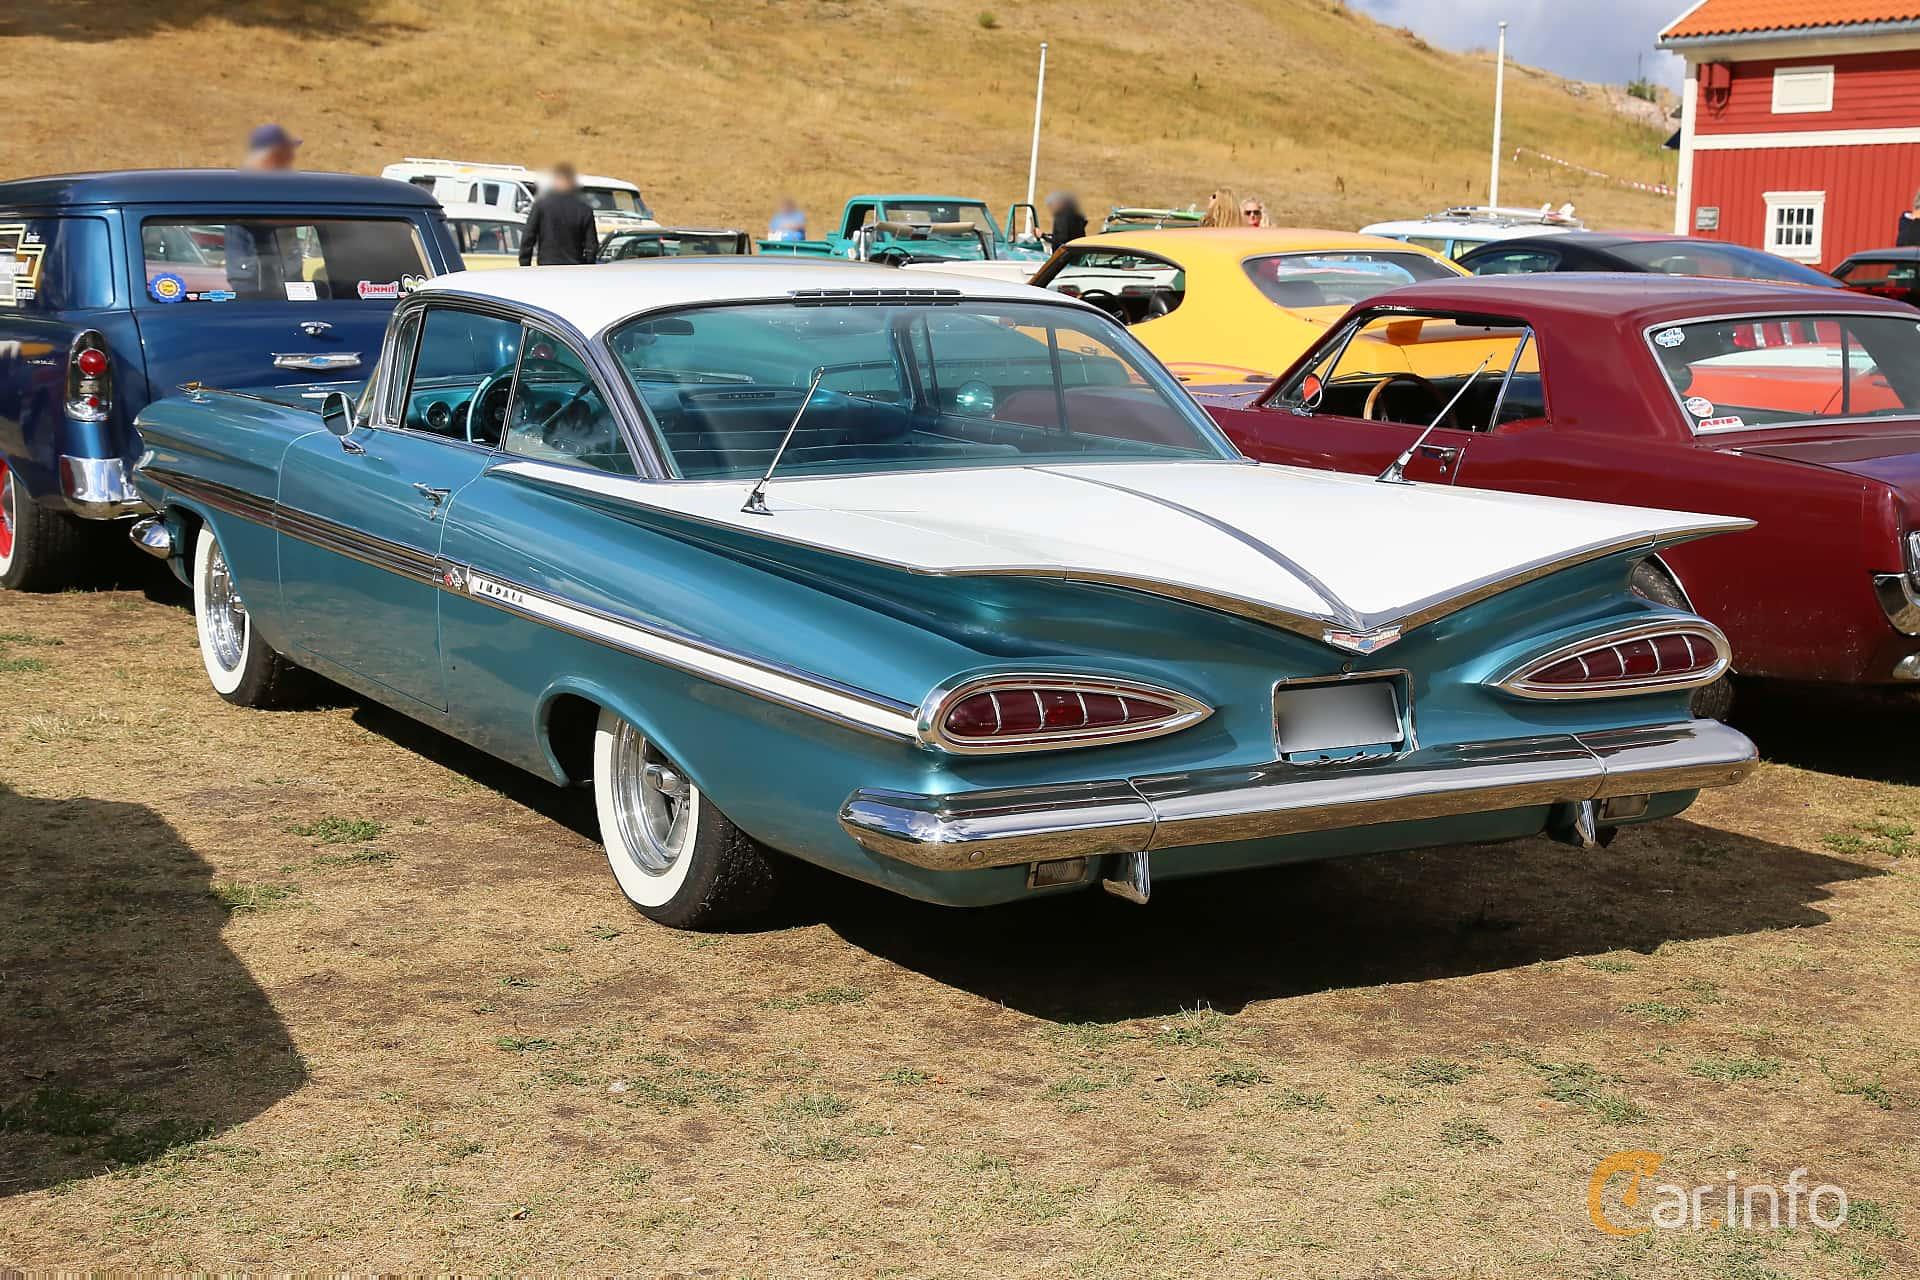 Kelebihan Kekurangan Chevrolet 1959 Perbandingan Harga